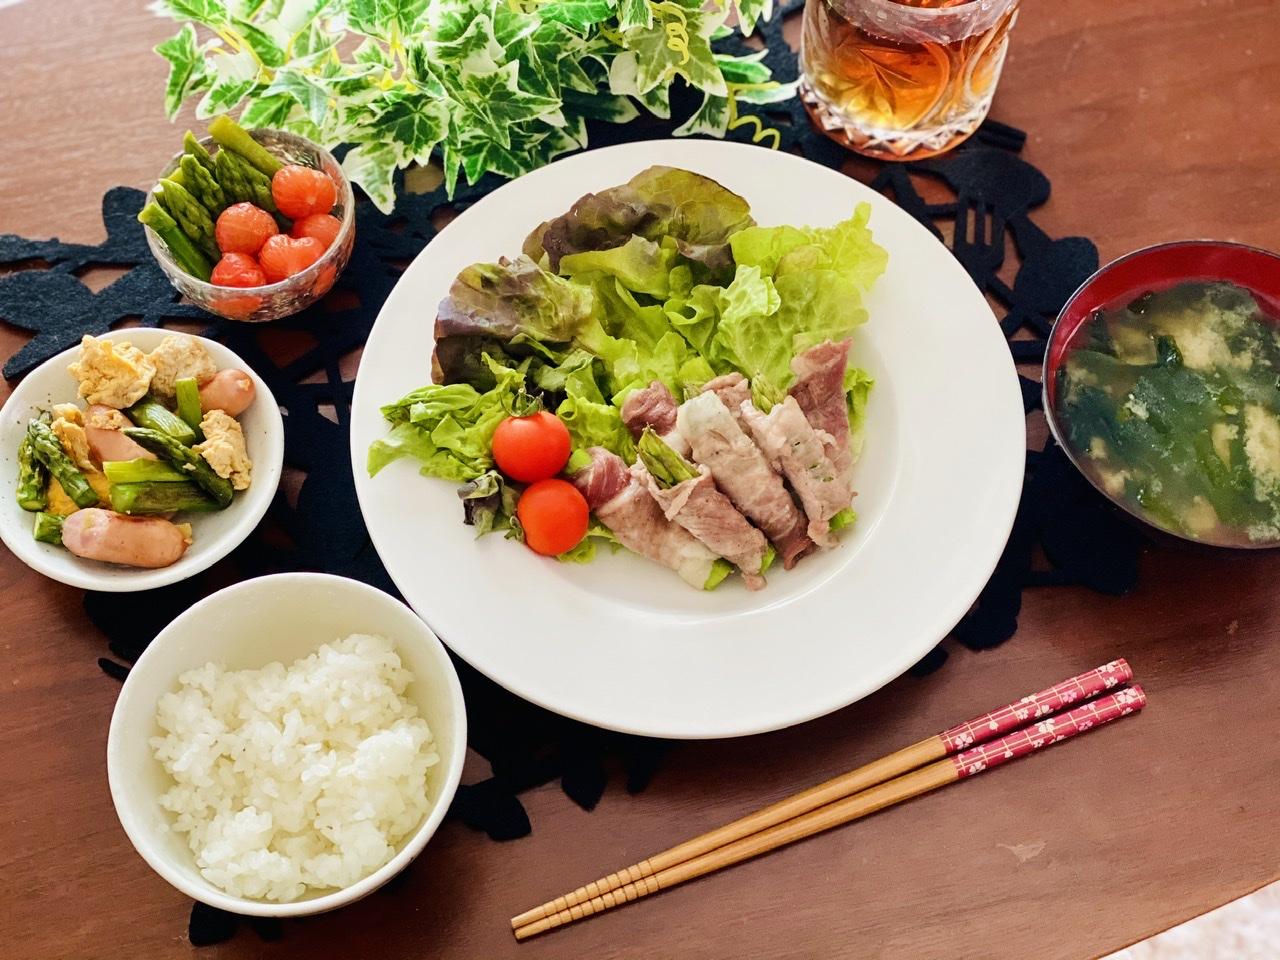 【今月のお家ごはん】アラサー女子の食卓!作り置きおかずでラク晩ご飯♡-Vol.15-_6